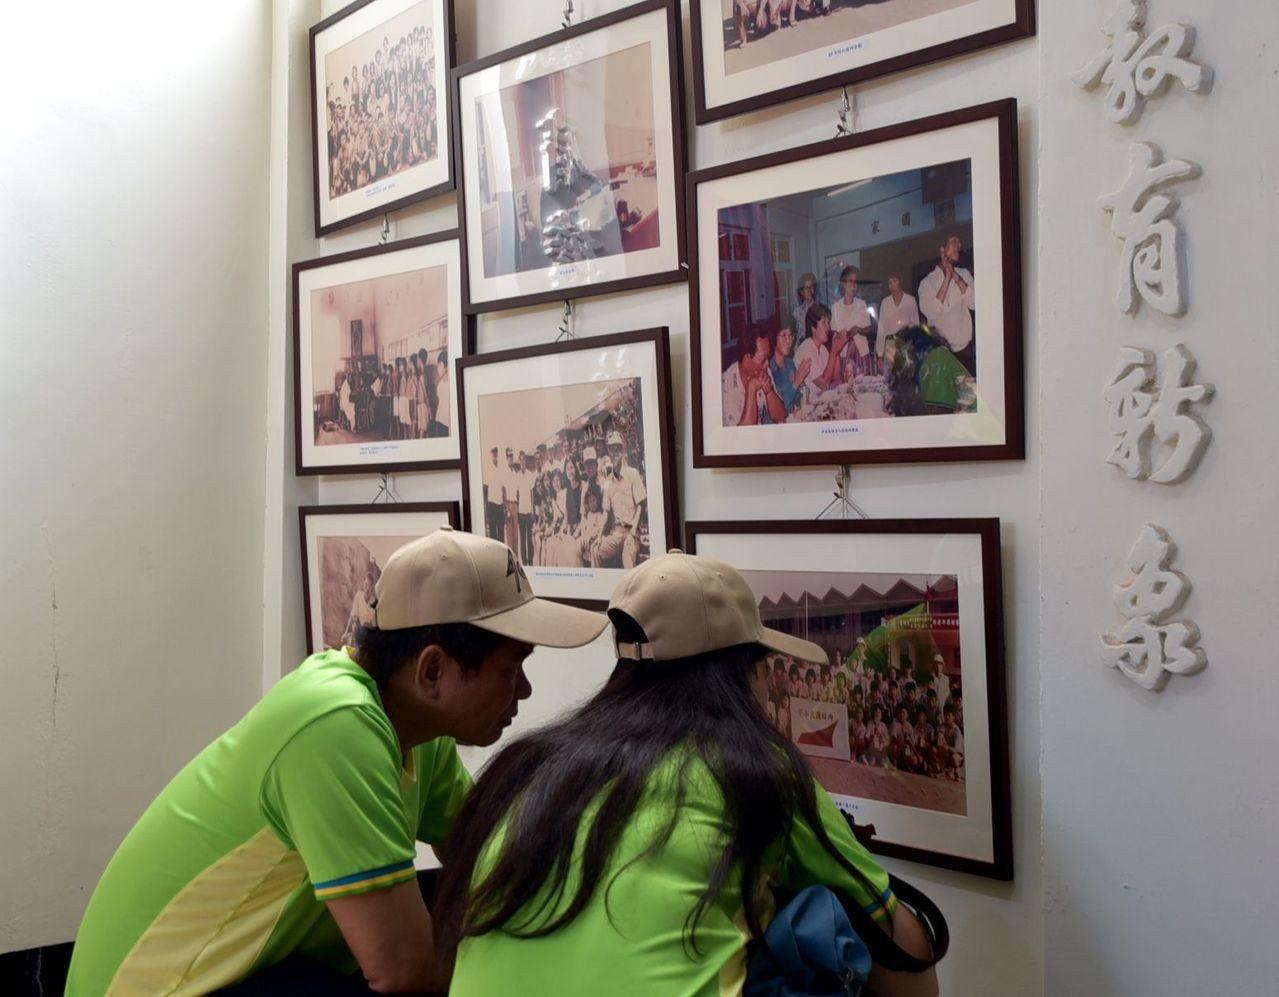 澎湖縣西嶼鄉內垵國小走過百年歲月,校友在老照片中尋找兒時的自己和同學。記者林保光...